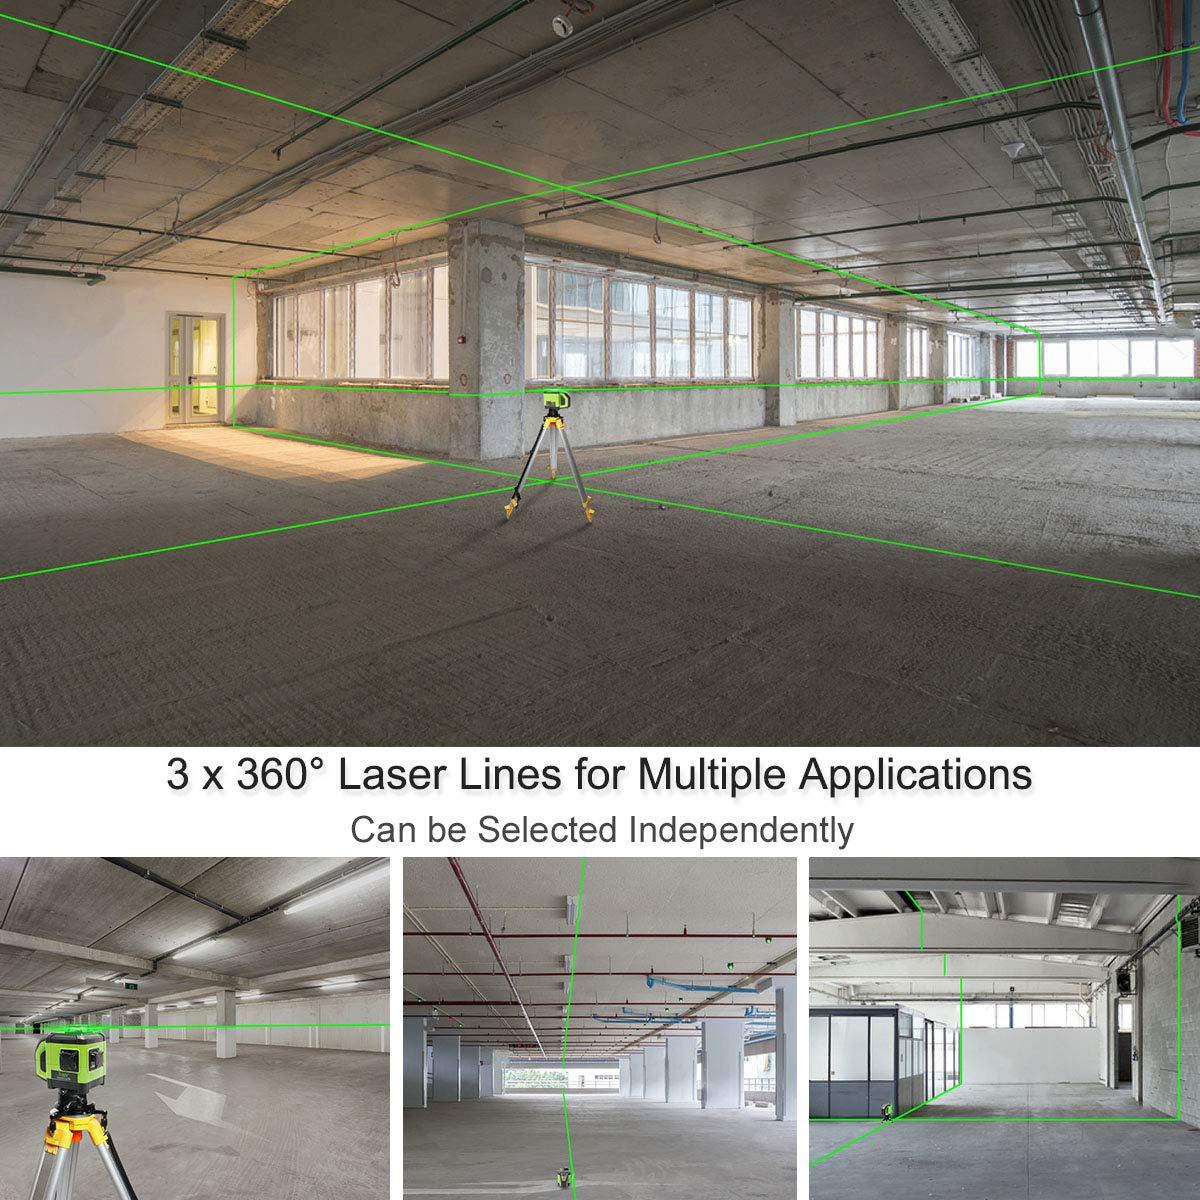 Laser L/ínea con Funci/ón de Doble Pendiente Base de Metal Adaptable y Receptor Incluido DT03CG Nivelaci/ón y Alineaci/ón de 3x360 L/íneas Cruzadas Nivel Laser Electr/ónico Autonivelante de Haz Verde 3D